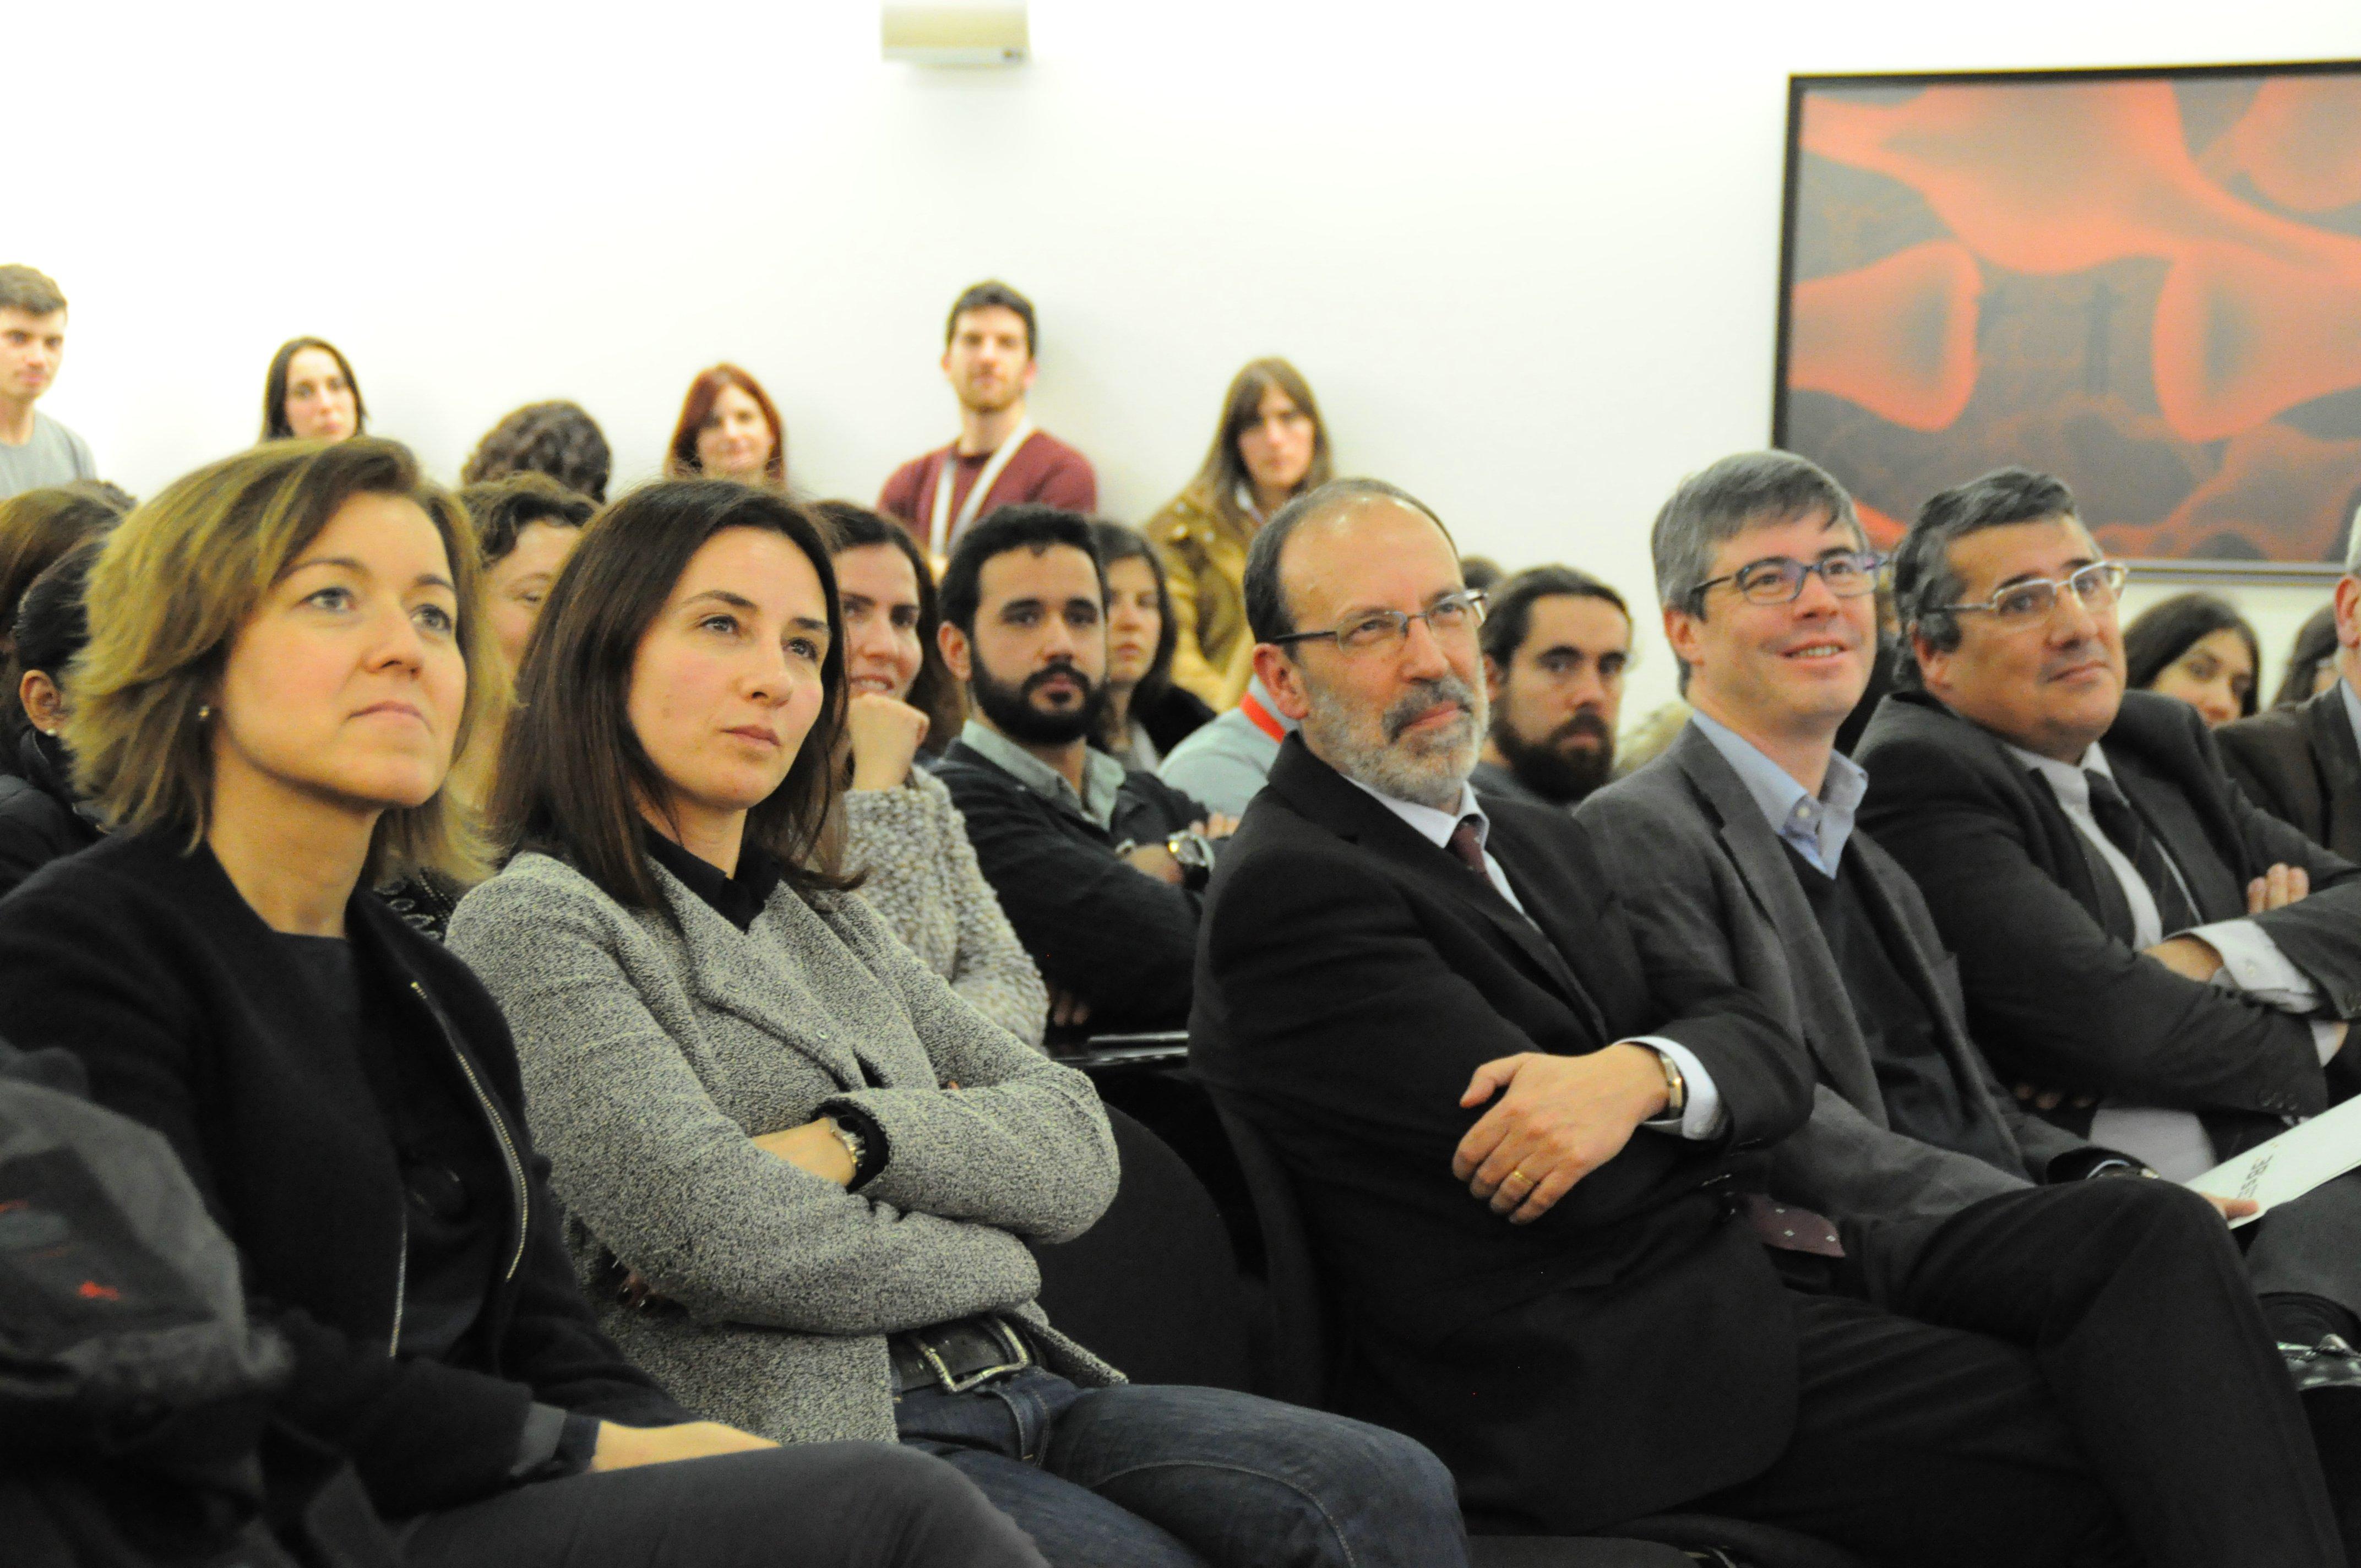 Foto de Pedro Veloso/GCII-UMinho